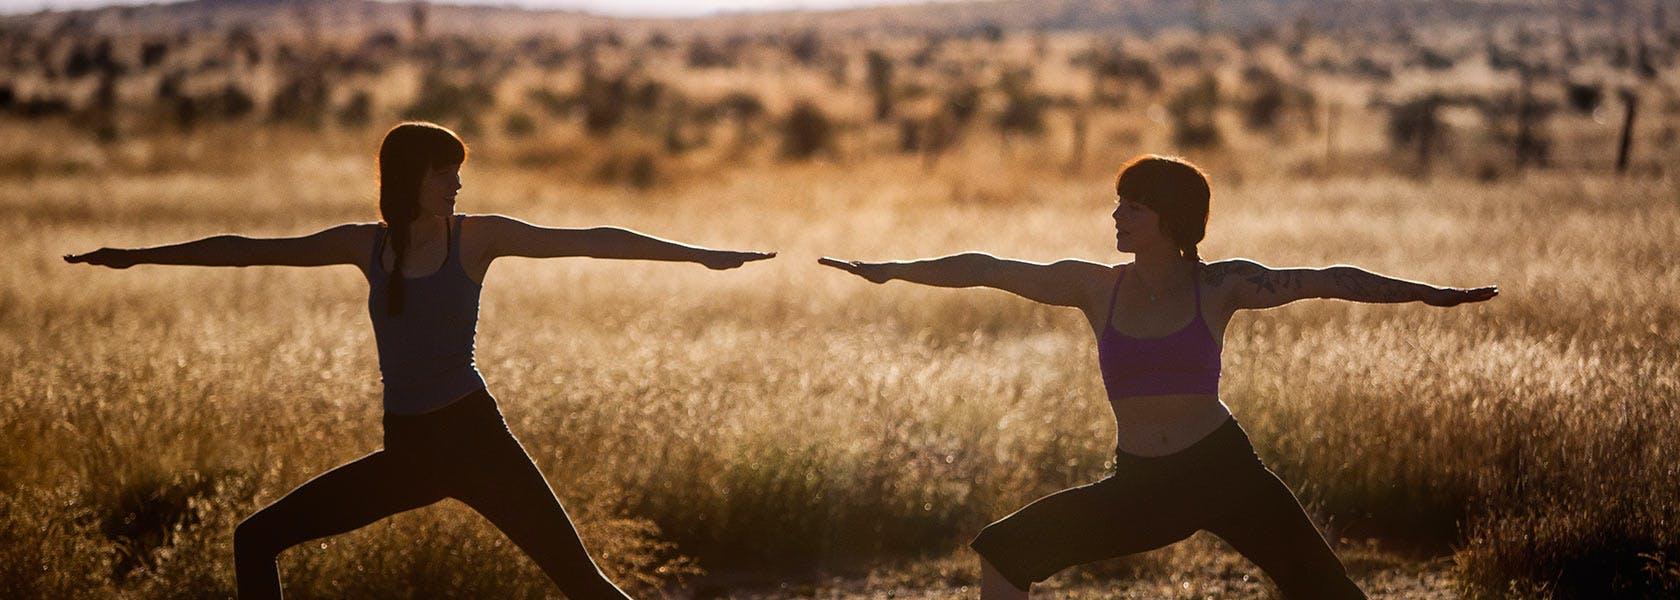 Mulheres em poses de guerreiras ao ar livre